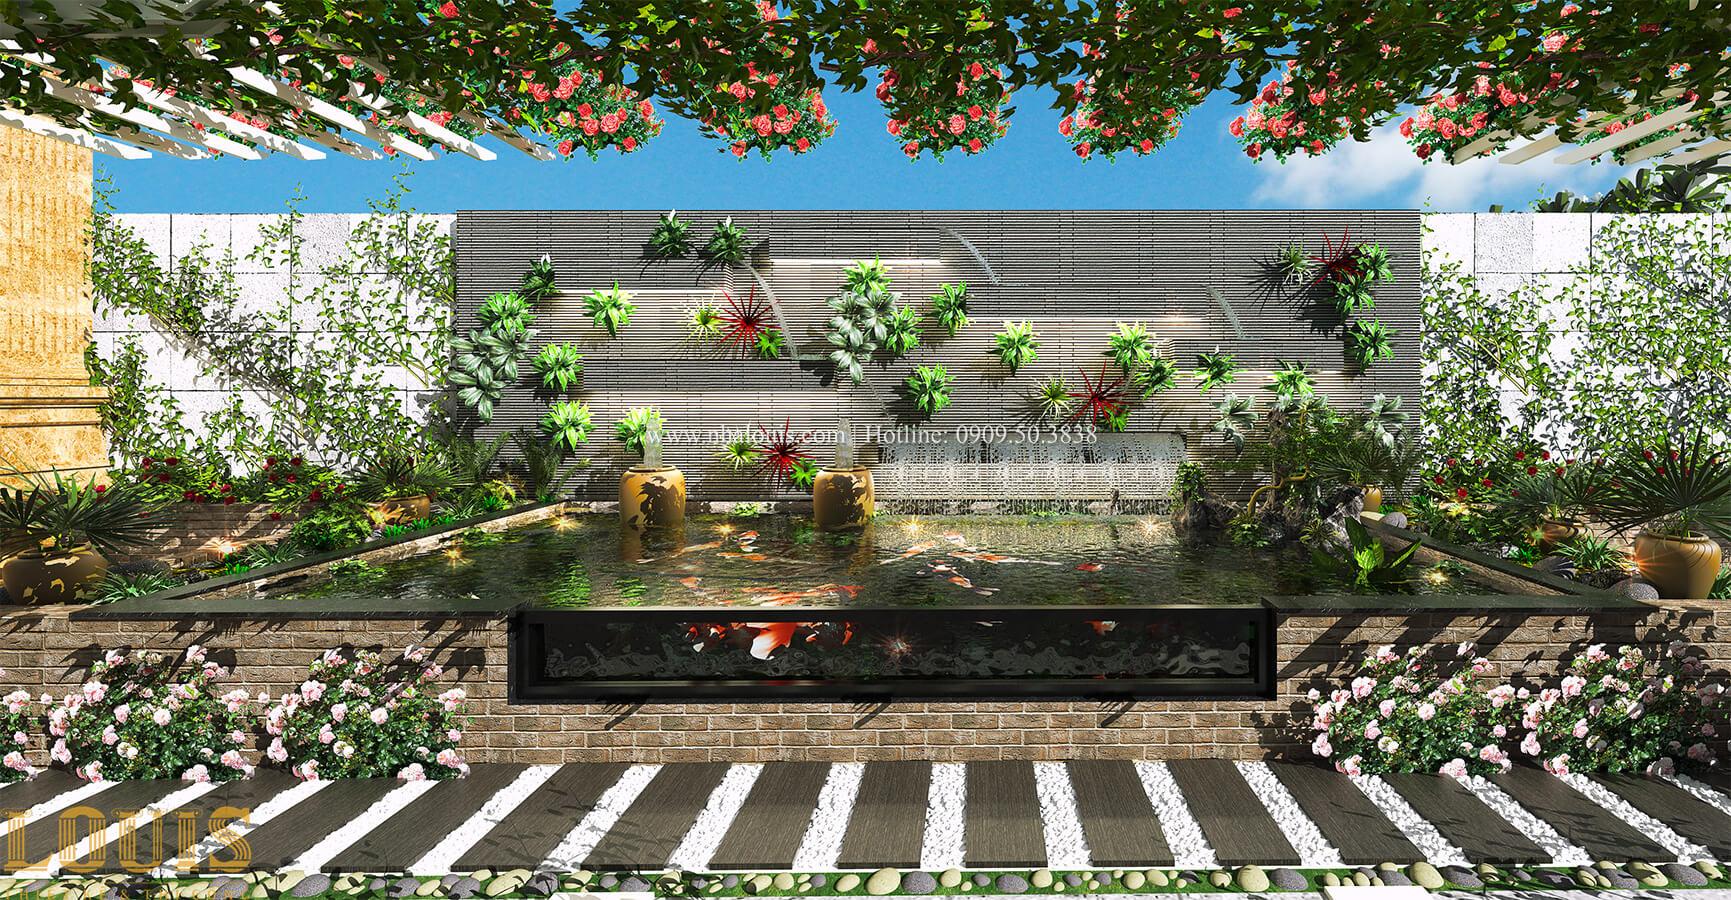 Sân vườn Thích thú bước vào biệt thự sân vườn đẹp xanh mát tại Tân Bình - 14